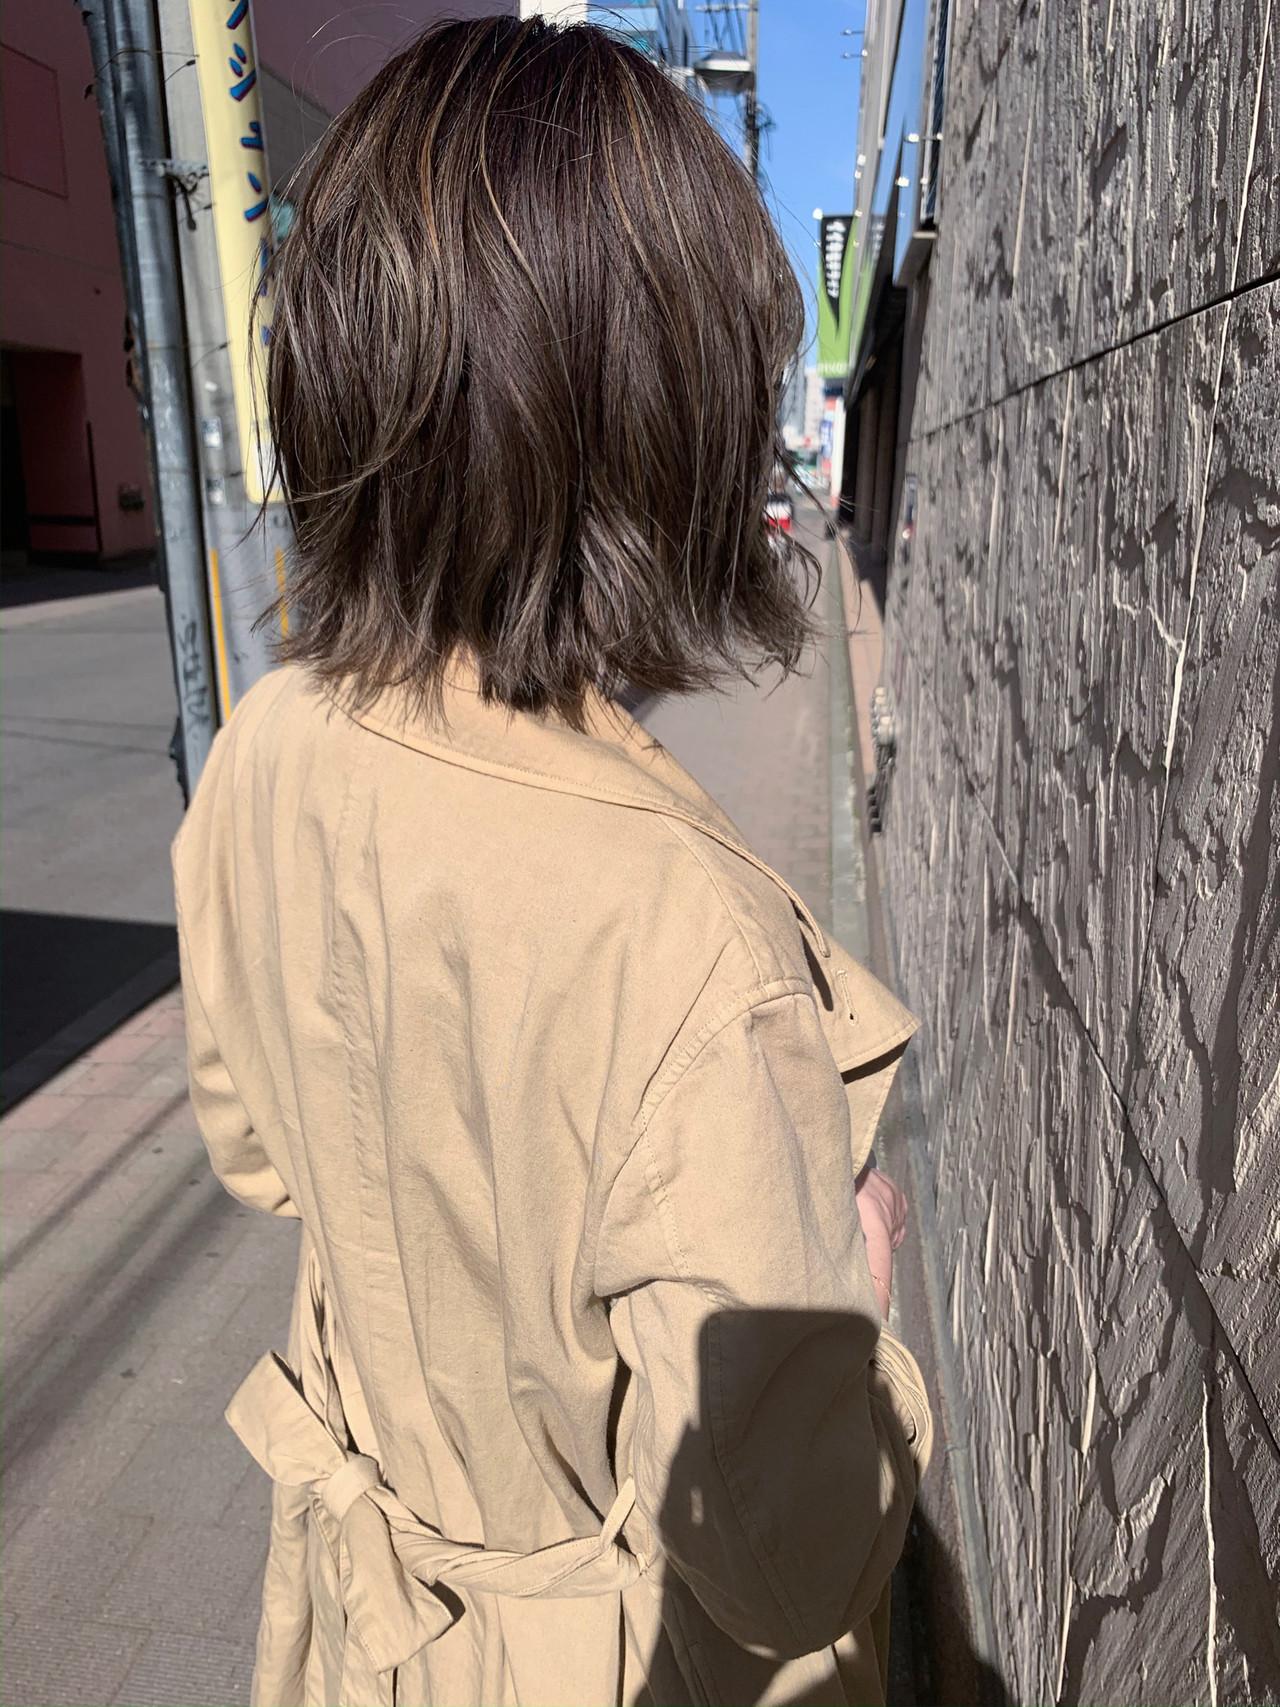 ショートボブ ボブ 切りっぱなしボブ アンニュイほつれヘア ヘアスタイルや髪型の写真・画像 | yumiko/sapporoSKNOW / SKNOW